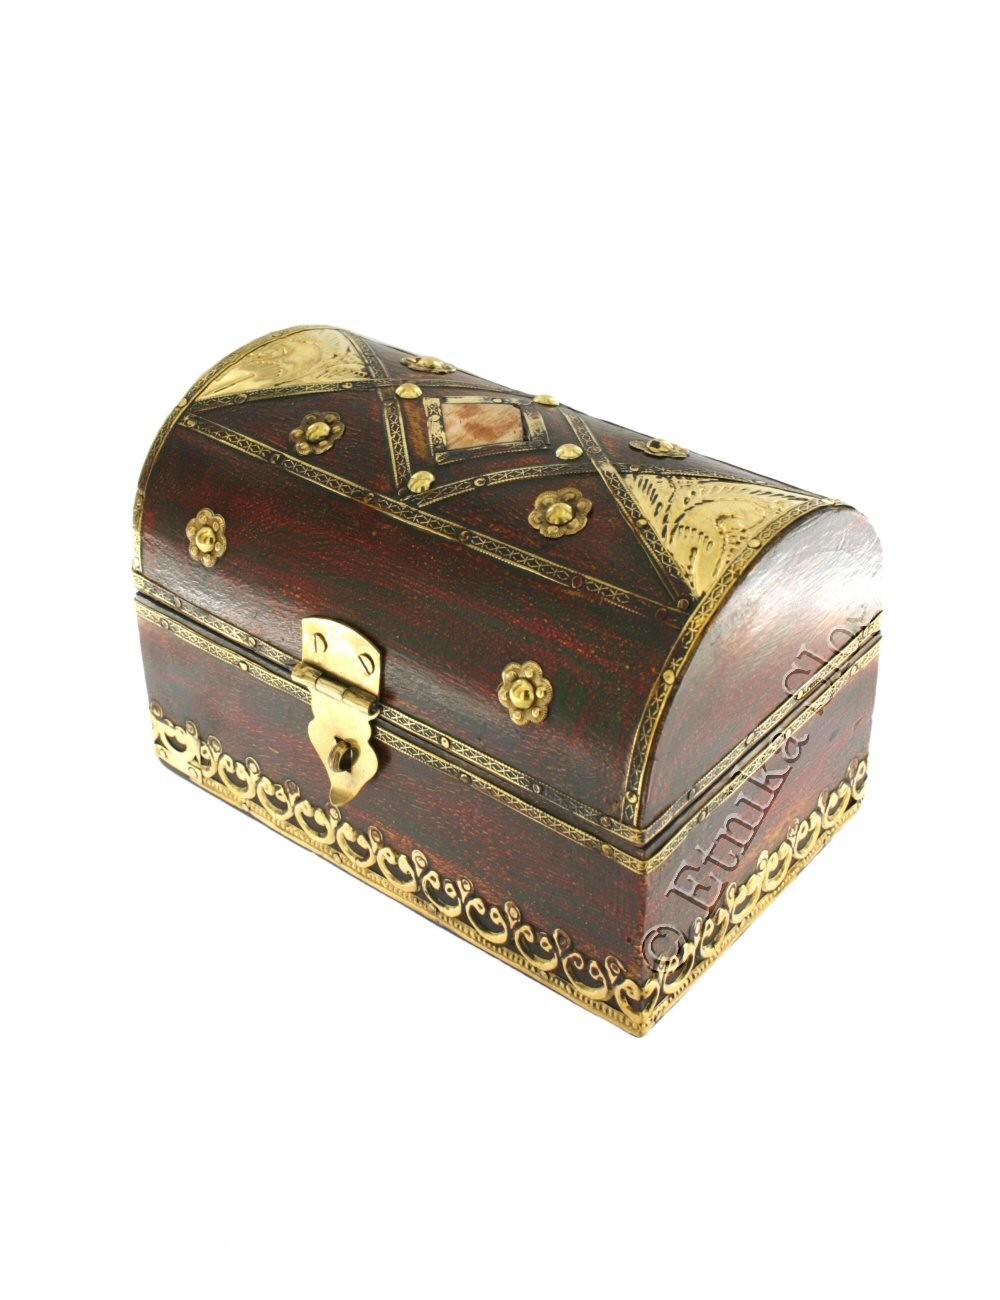 WOODEN BOX BX-LEM19-01 - Oriente Import S.r.l.